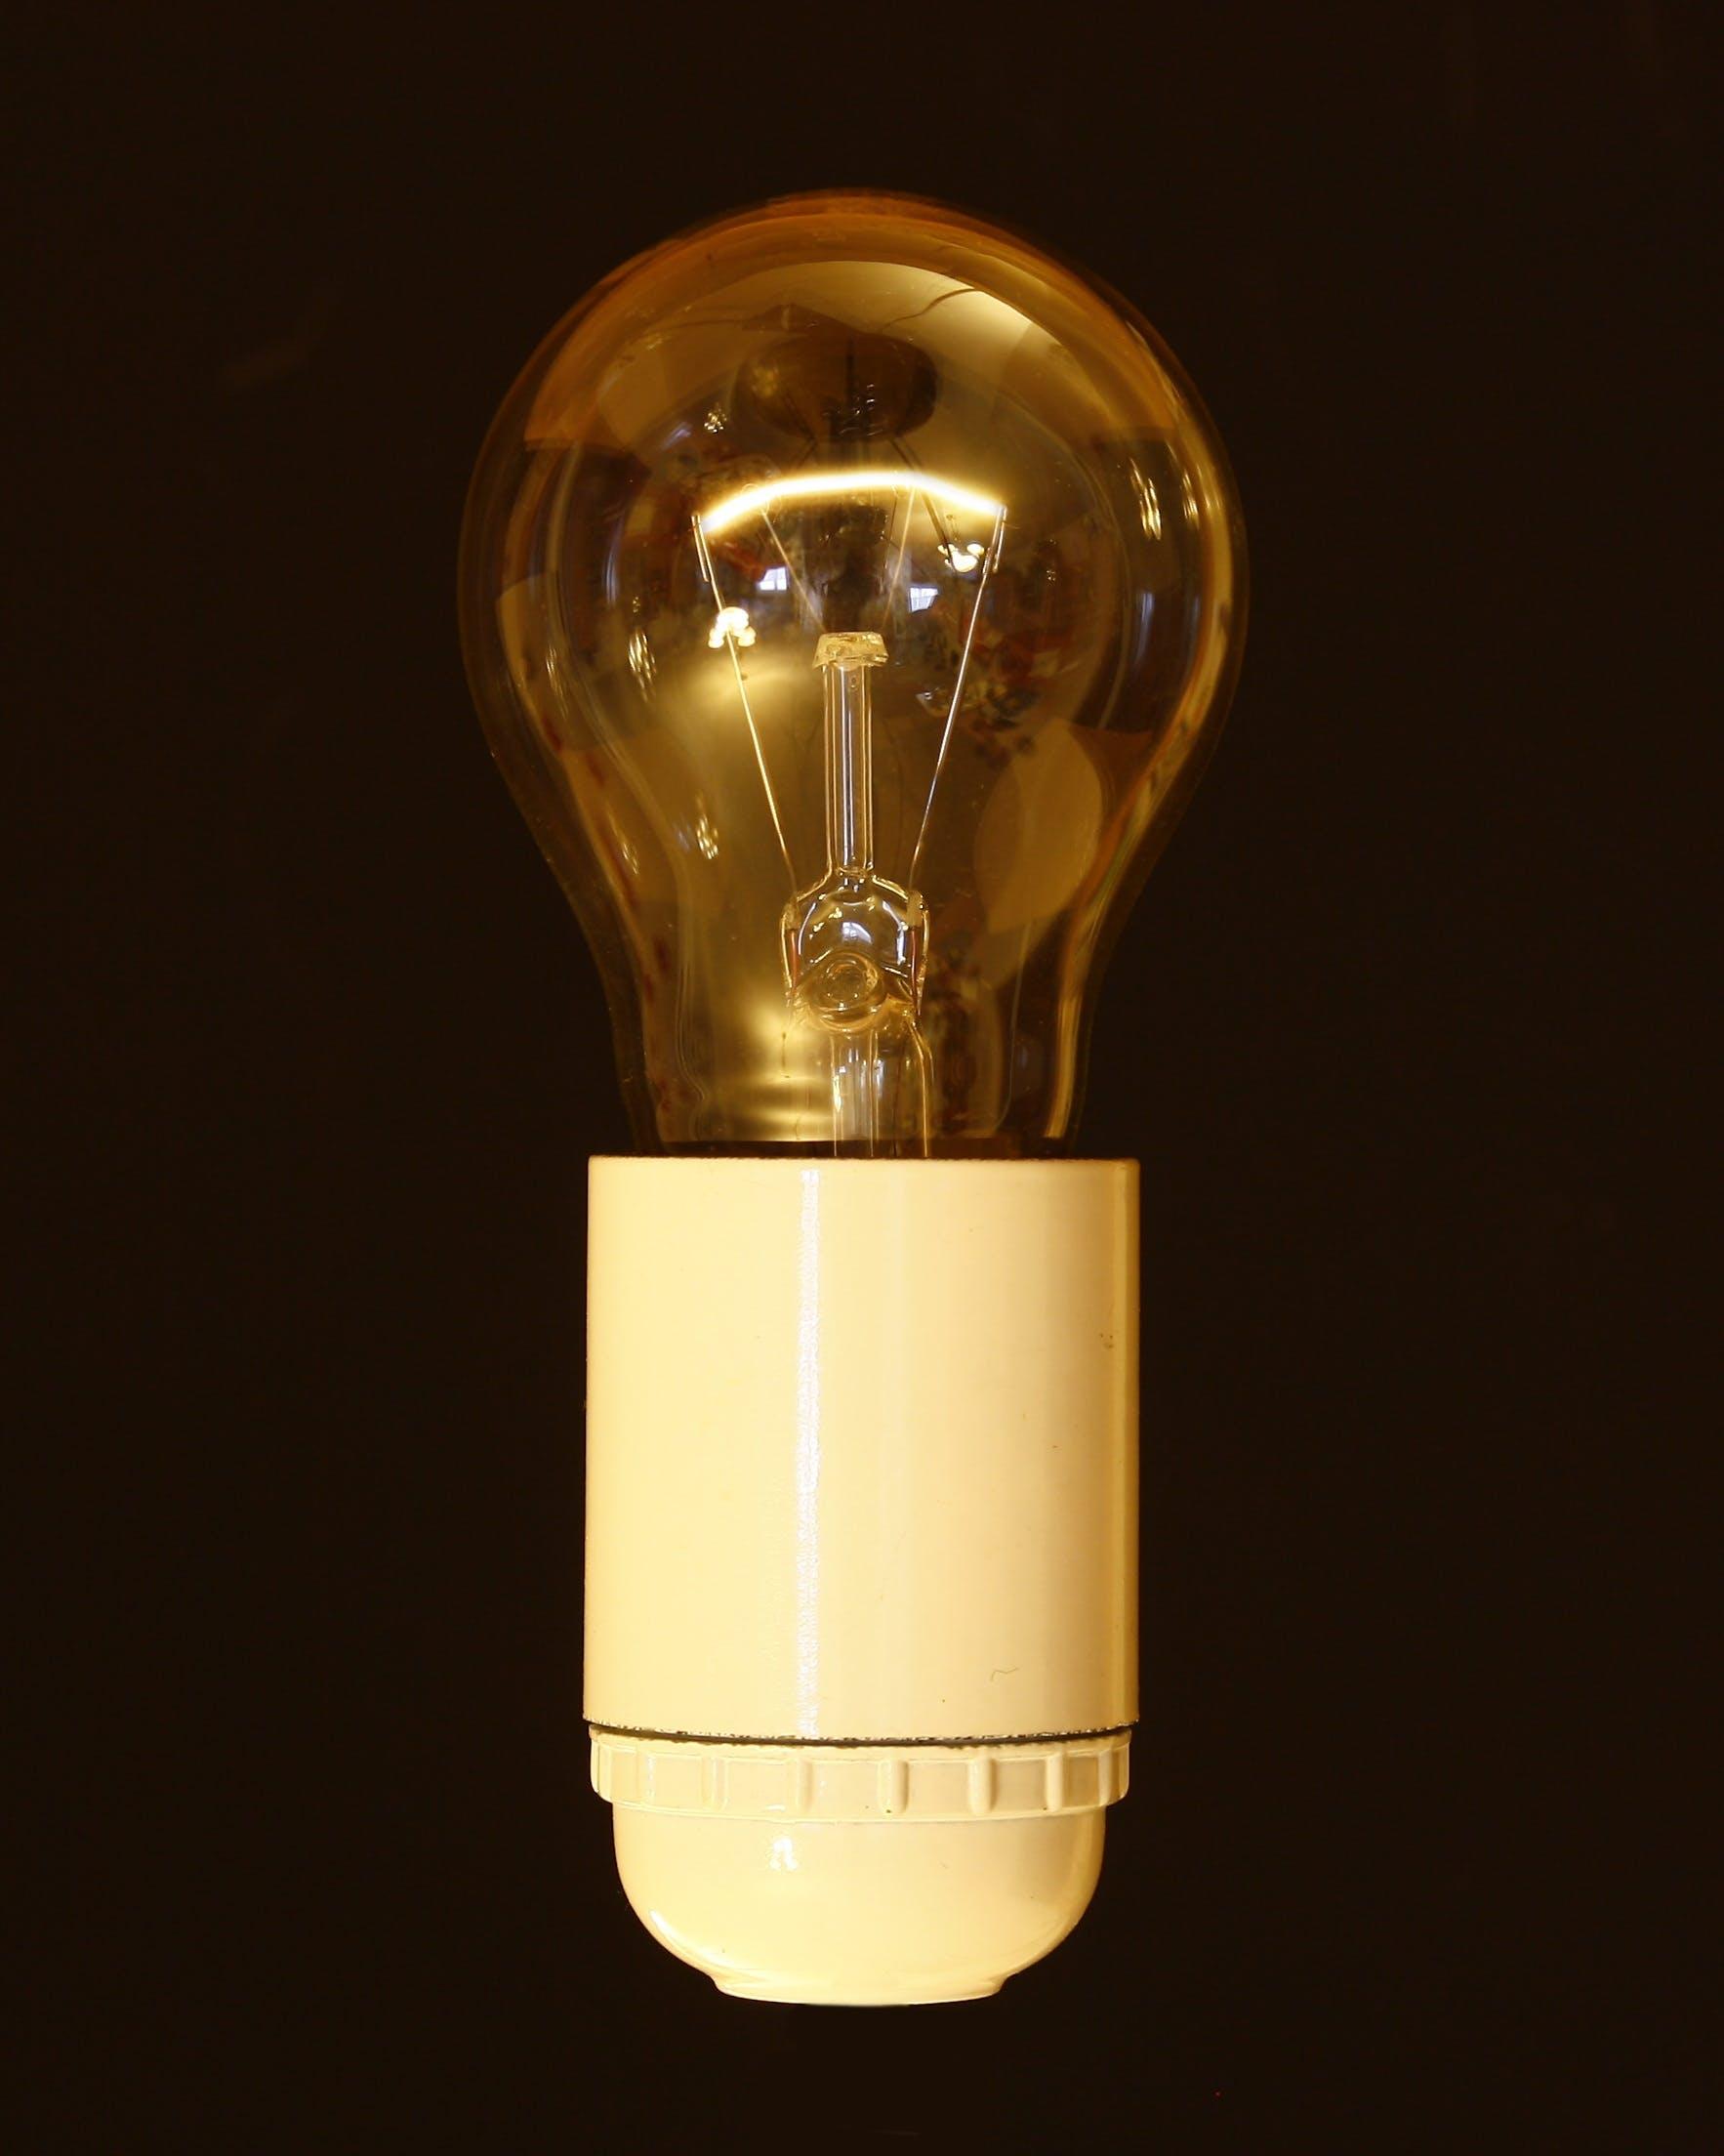 Free stock photo of light, dark, glass, lamp